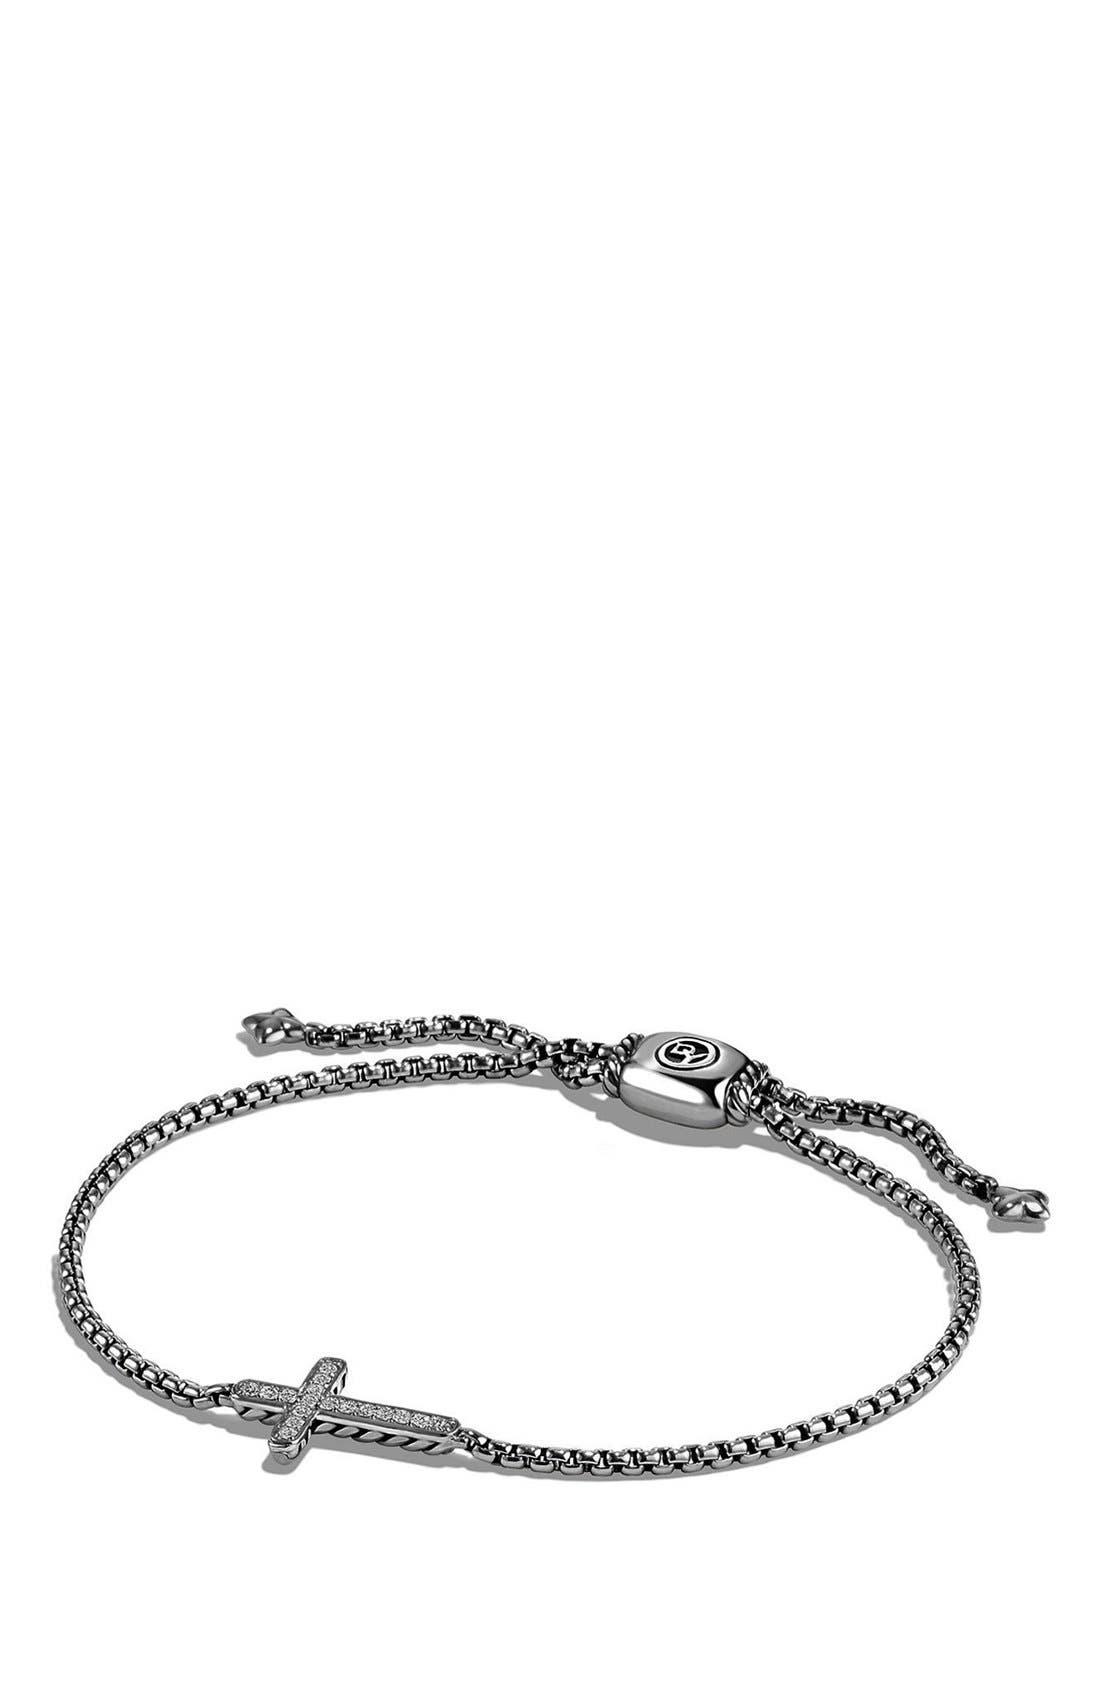 Alternate Image 1 Selected - David Yurman 'Petite Pavé' Cross Bracelet with Diamonds